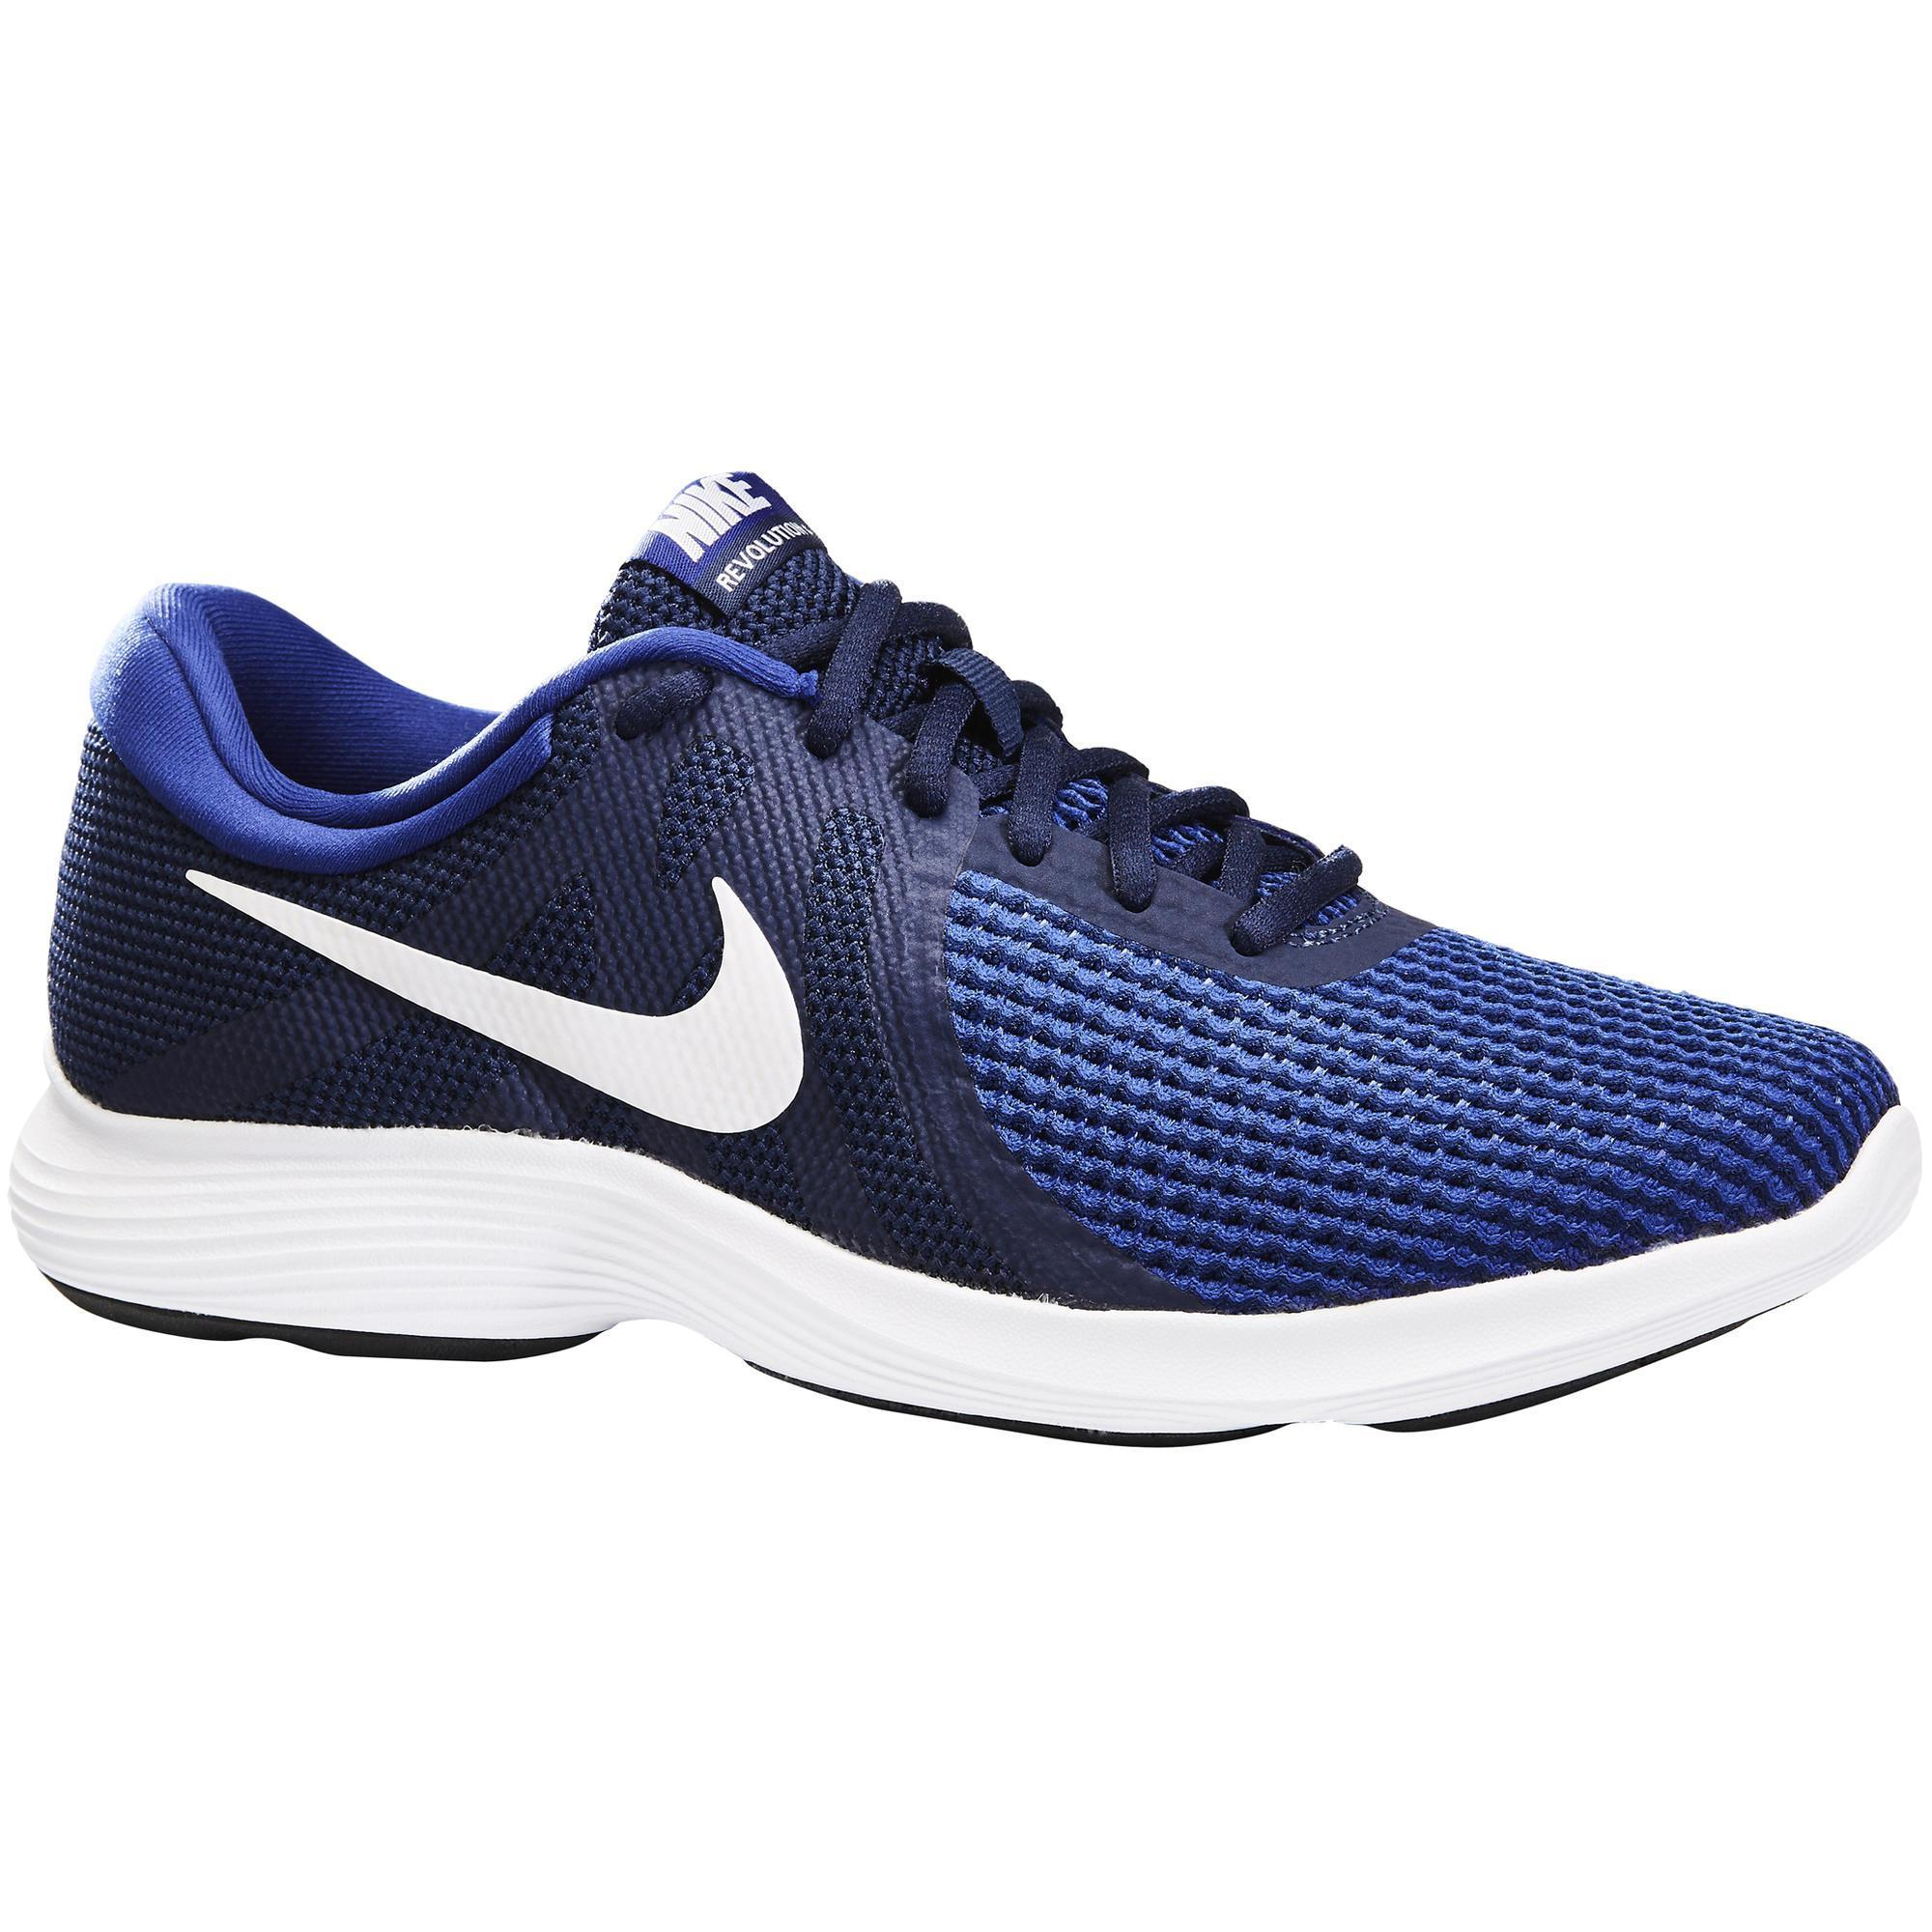 Nike Herensneakers voor sportief wandelen Revolution 4 blauw